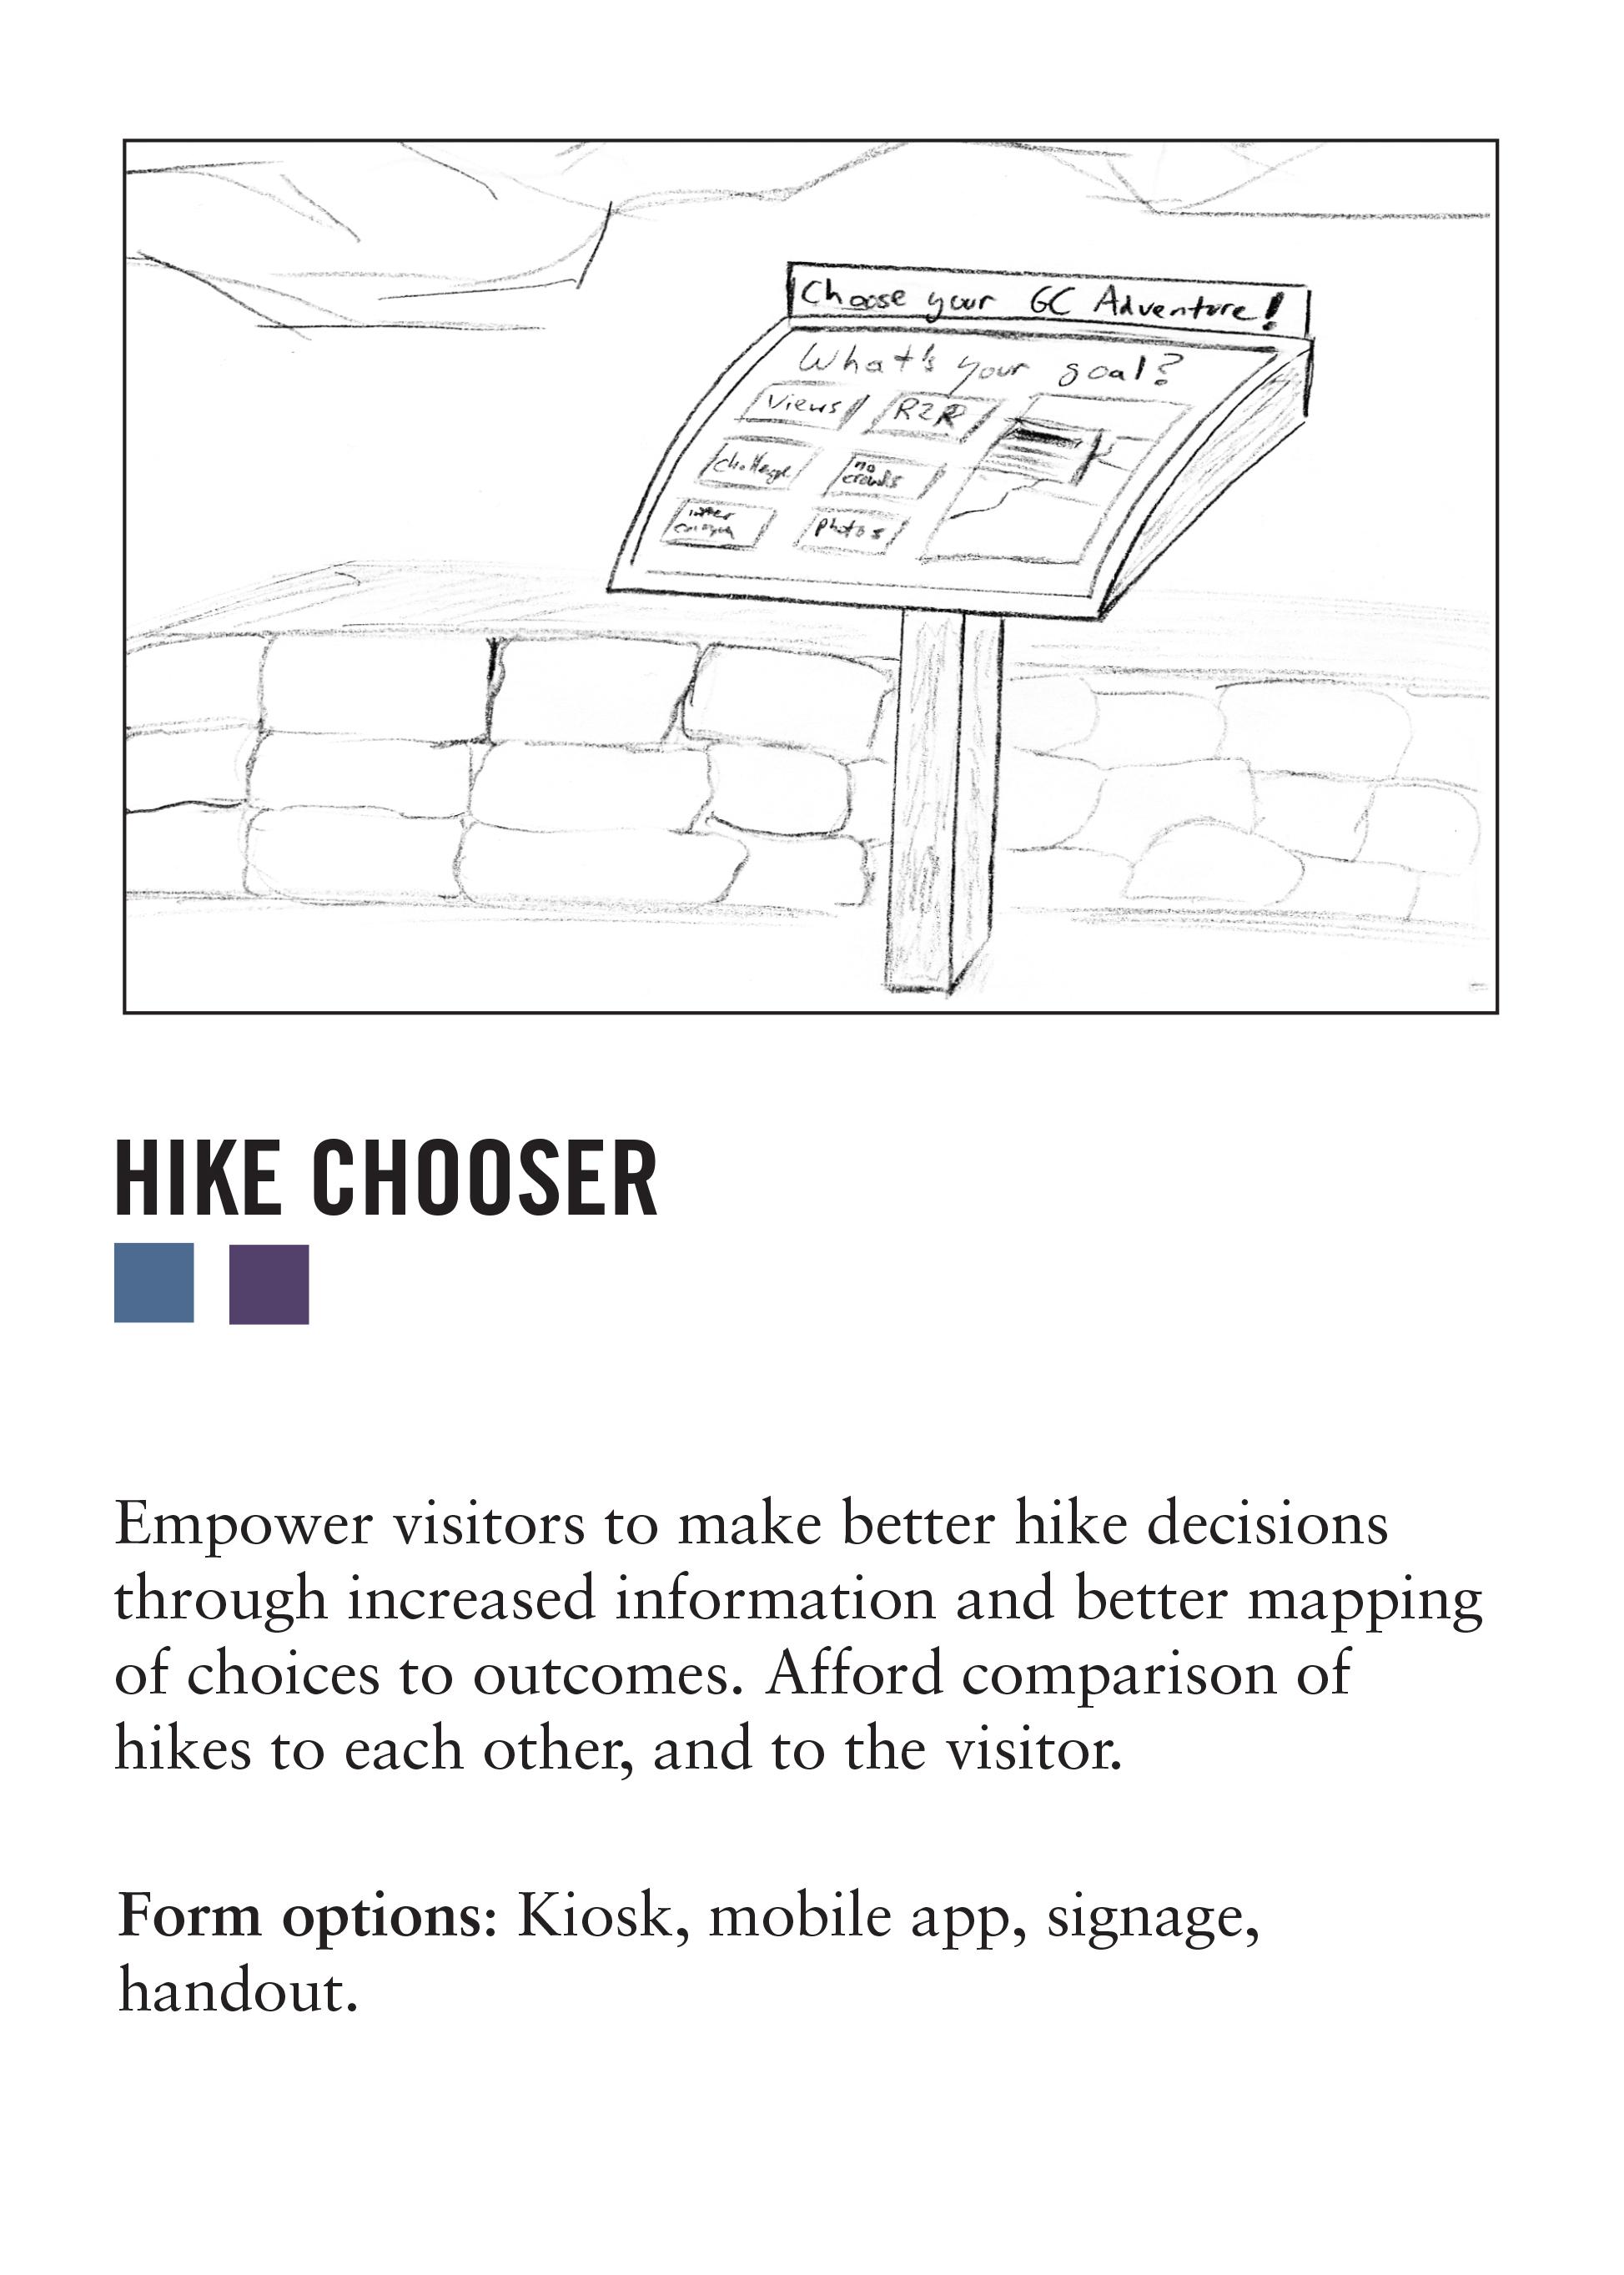 poster-hike-chooser.jpg